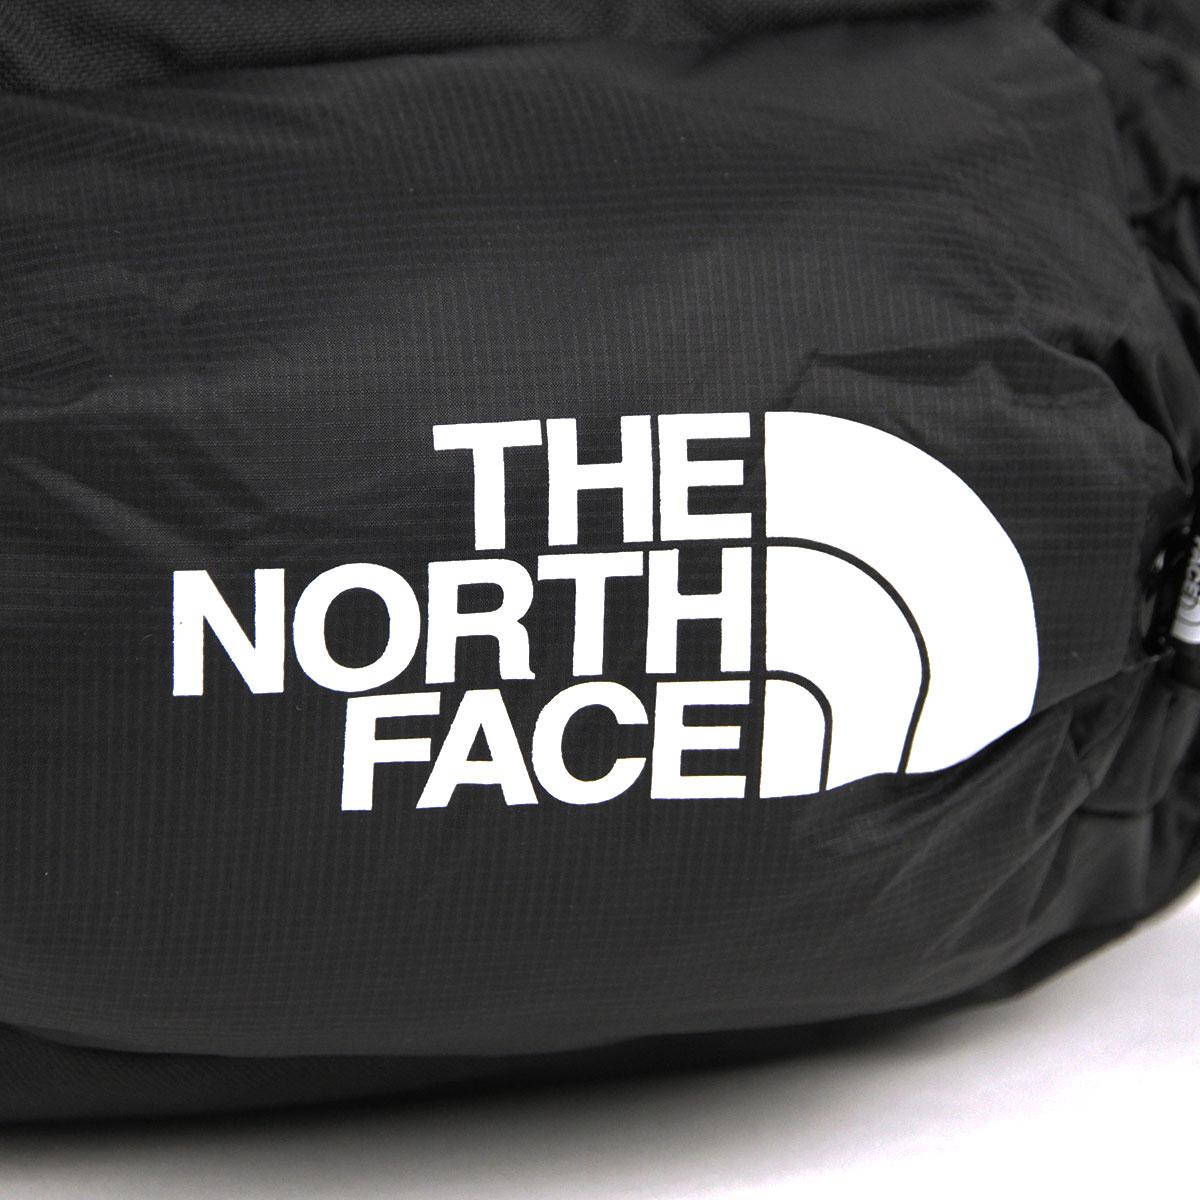 ノースフェイス バッグ メンズ レディース 正規品 THE NORTH FACE ボザーヒップパック3 ボディーバッグ BOZER HIP PACK III - L NF0A52RW TNF BLACK A14B B3C C8D D4E E13F